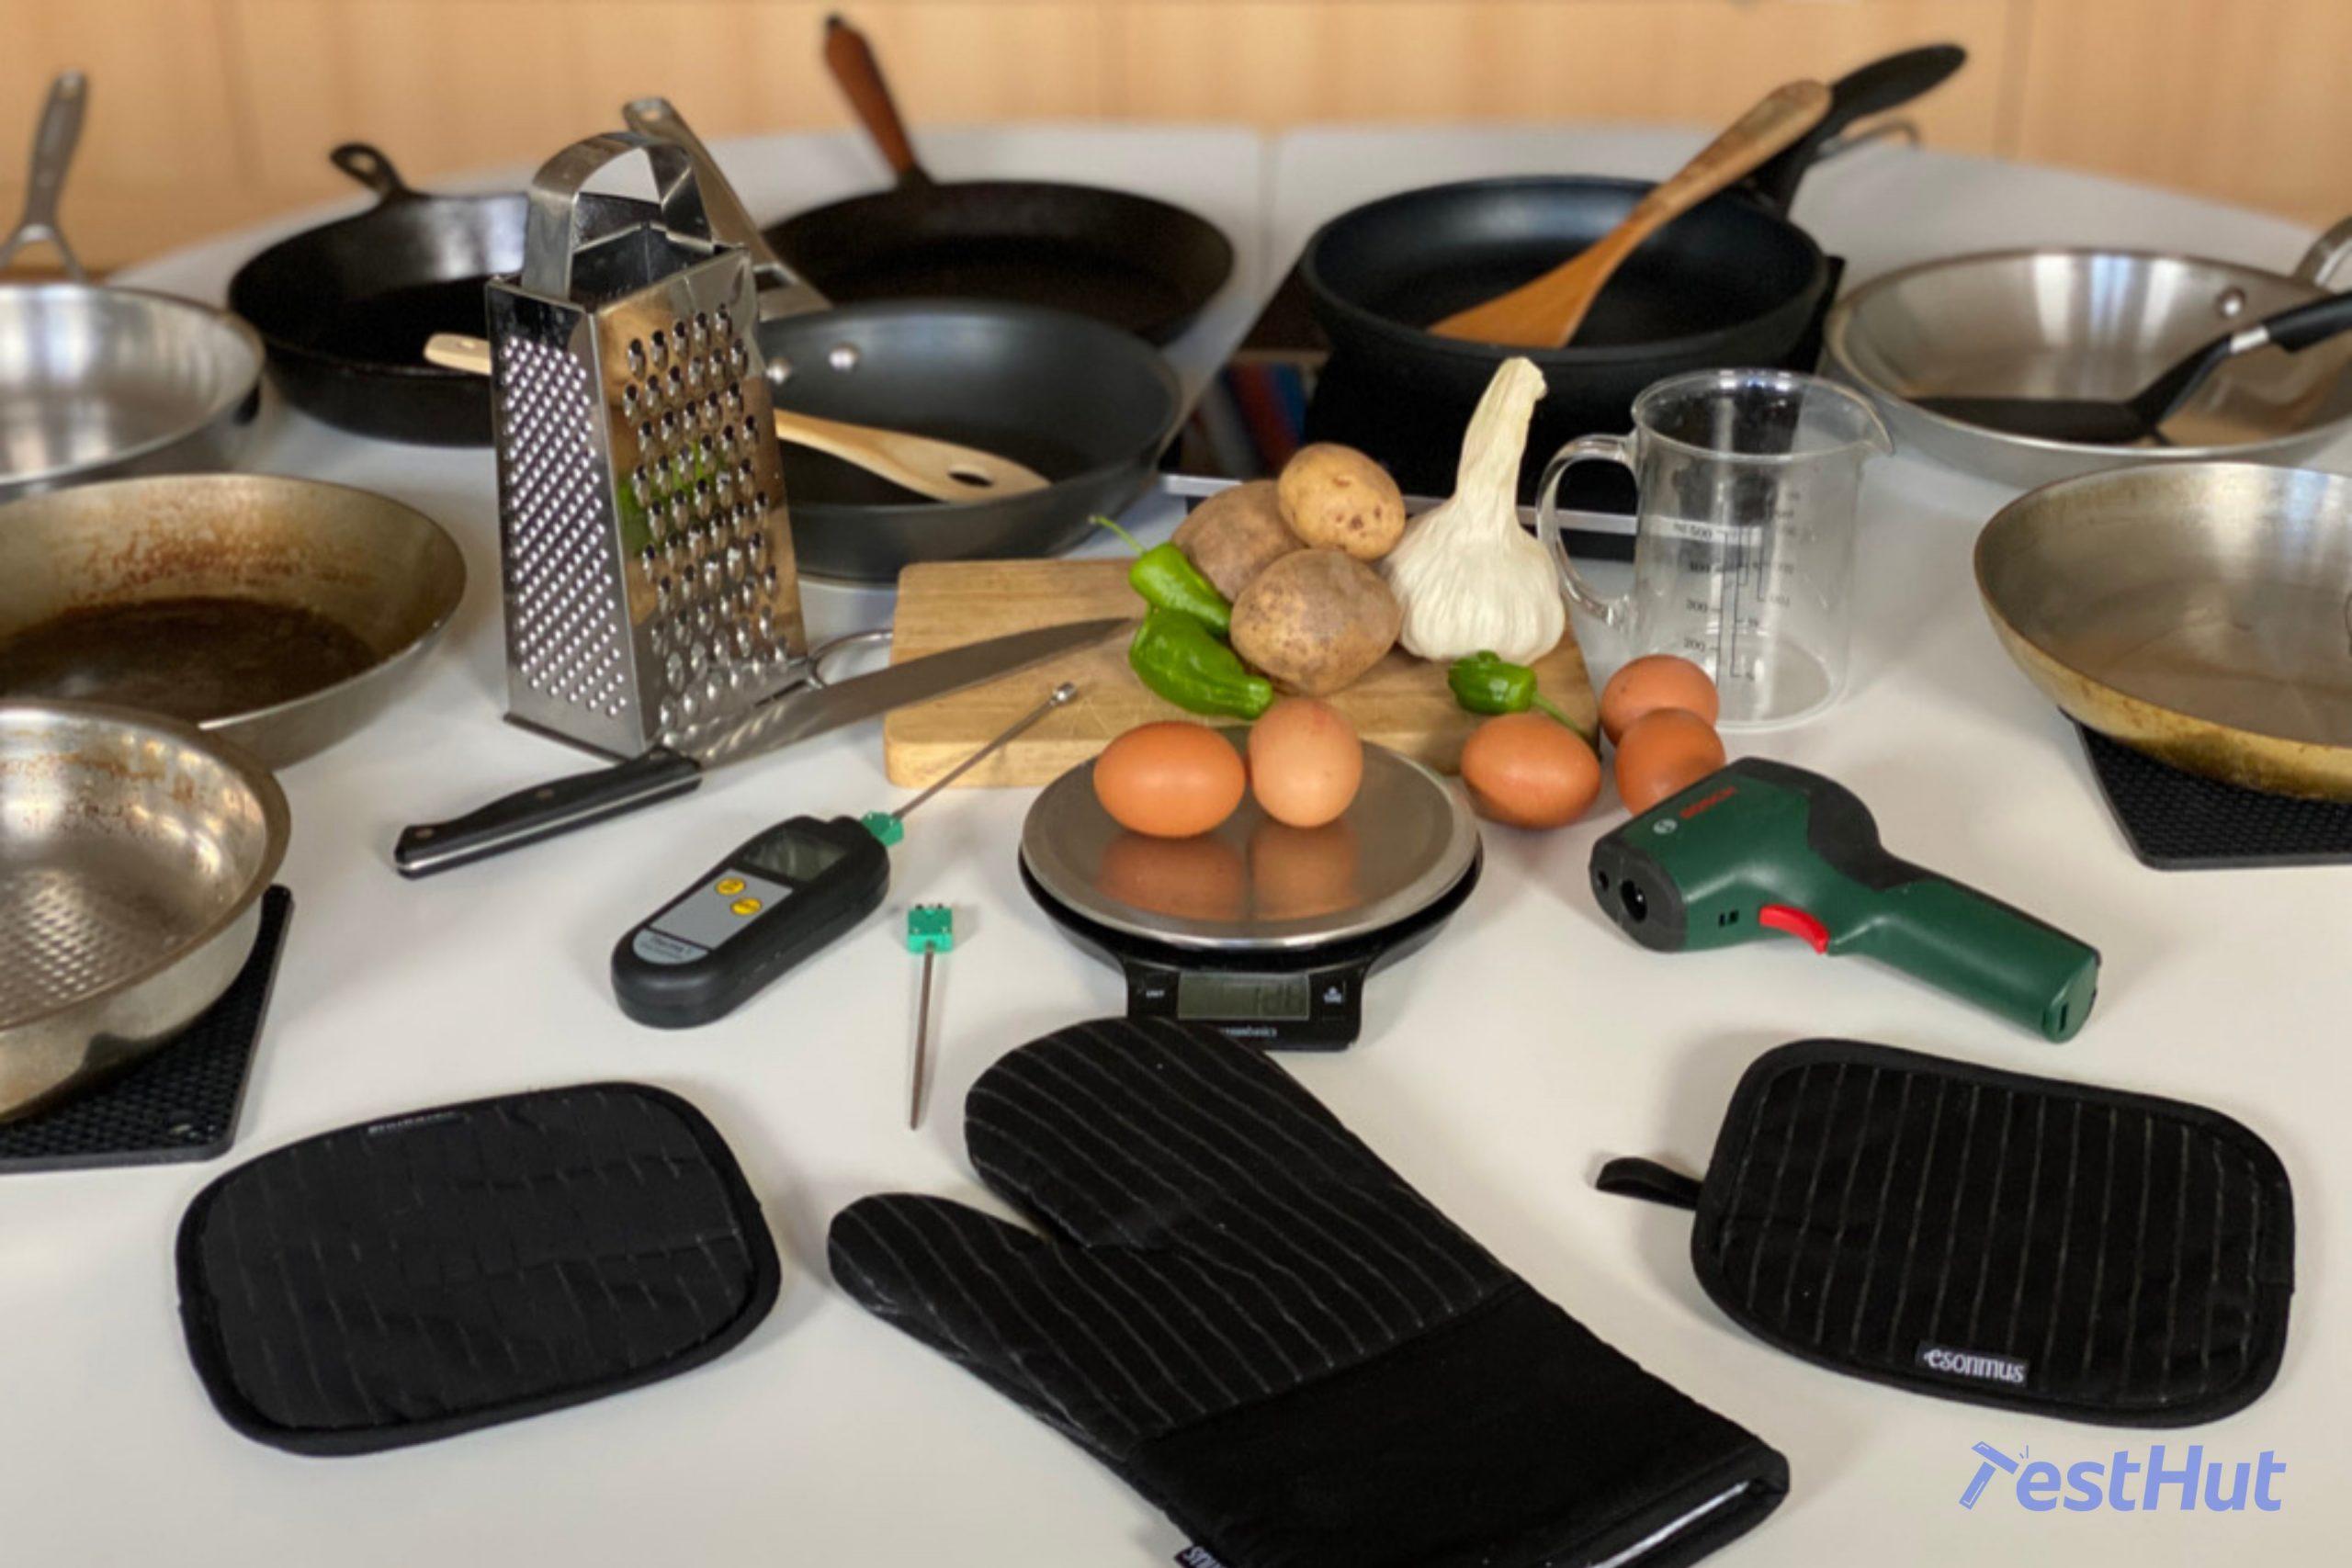 TestHut testing frying pans